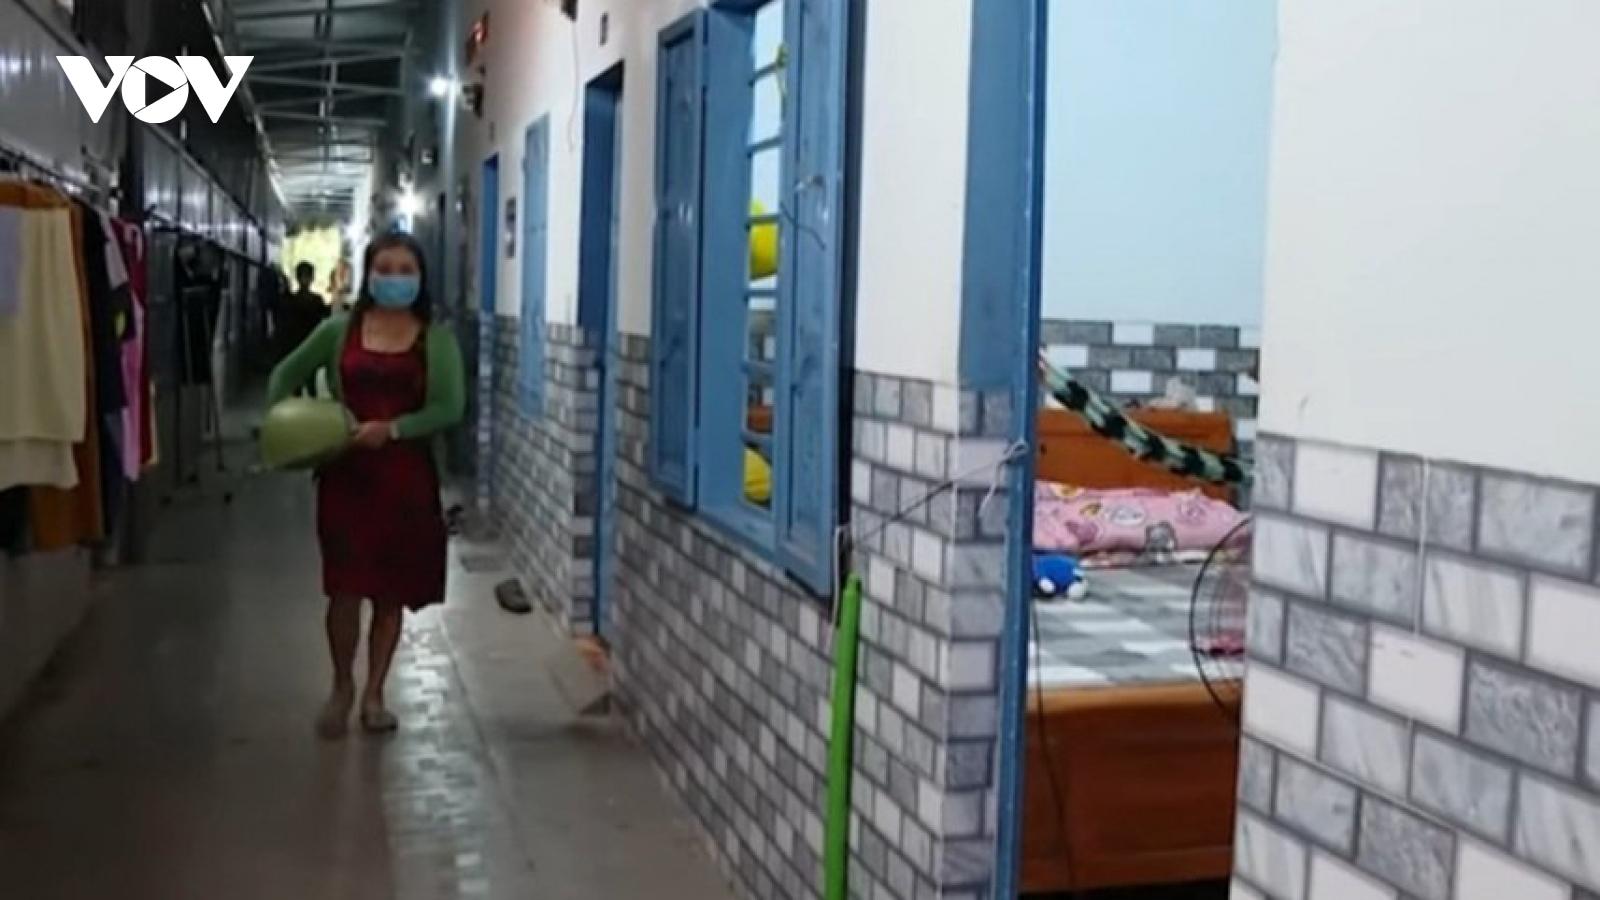 Bà Rịa – Vũng Tàu kêu gọi chủ nhà trọ miễn, giảm tiền thuê cho lao động mất việc